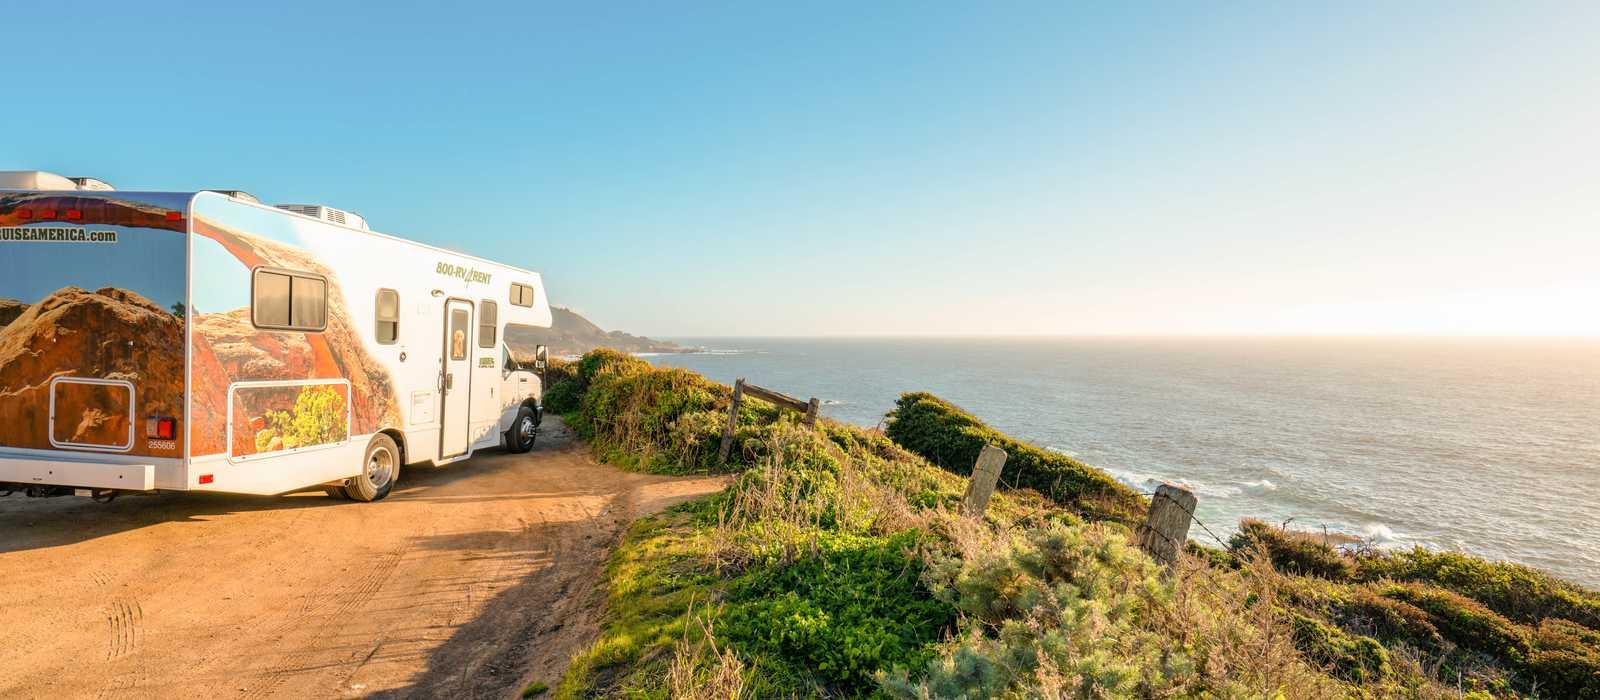 Mit dem Camper C25 von Cruise America Kalifornien erleben